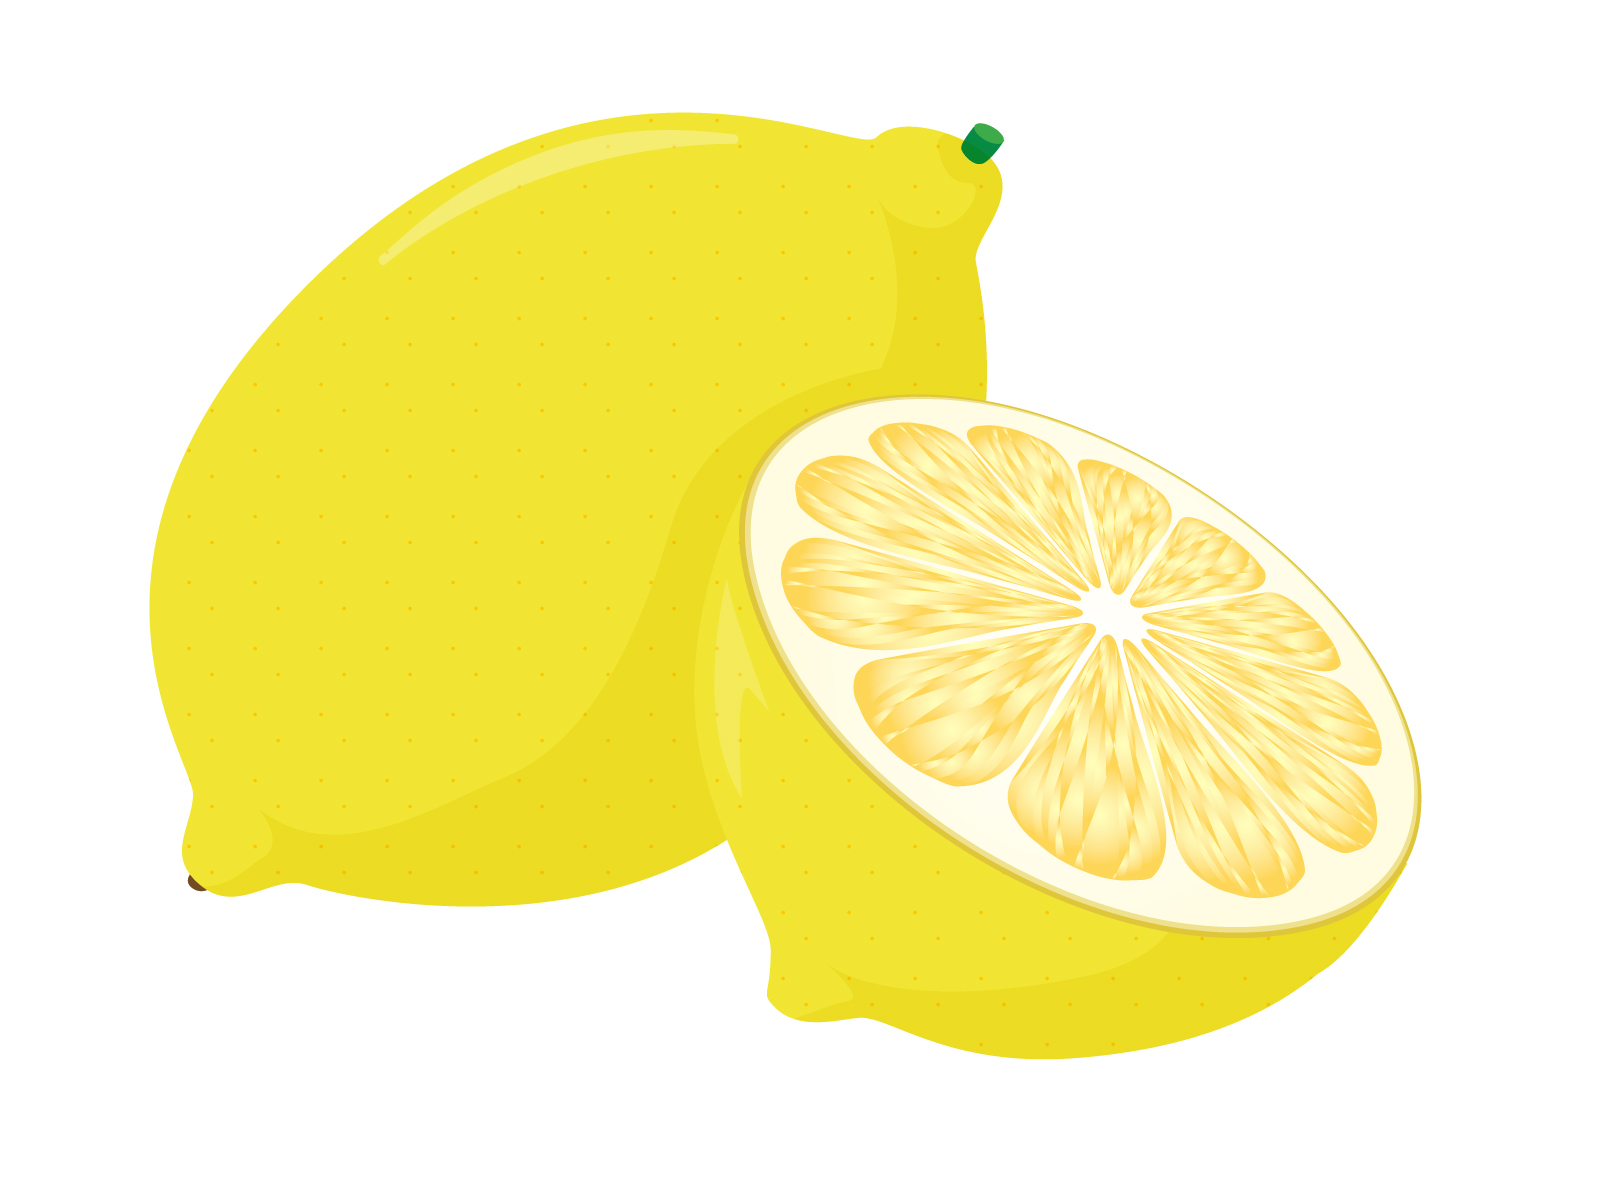 レモン白湯でおなか改善!作り方と飲むタイミング